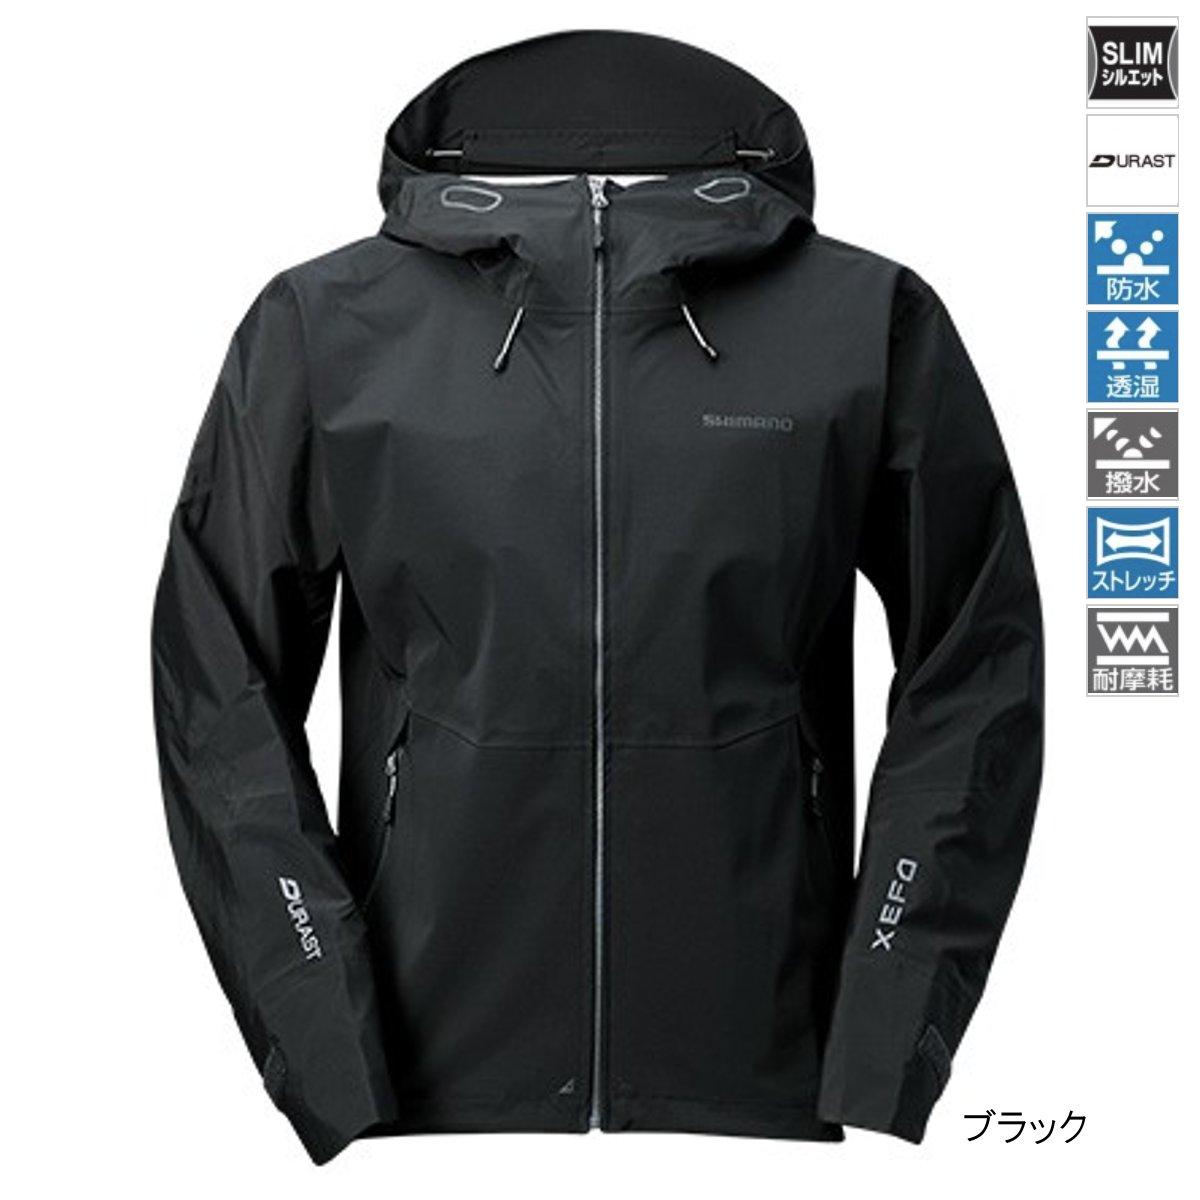 合計11,000円以上ご購入で送料無料 [12dmnb] シマノ XEFO DURAST レインジャケット RA-22JS XL ブラック